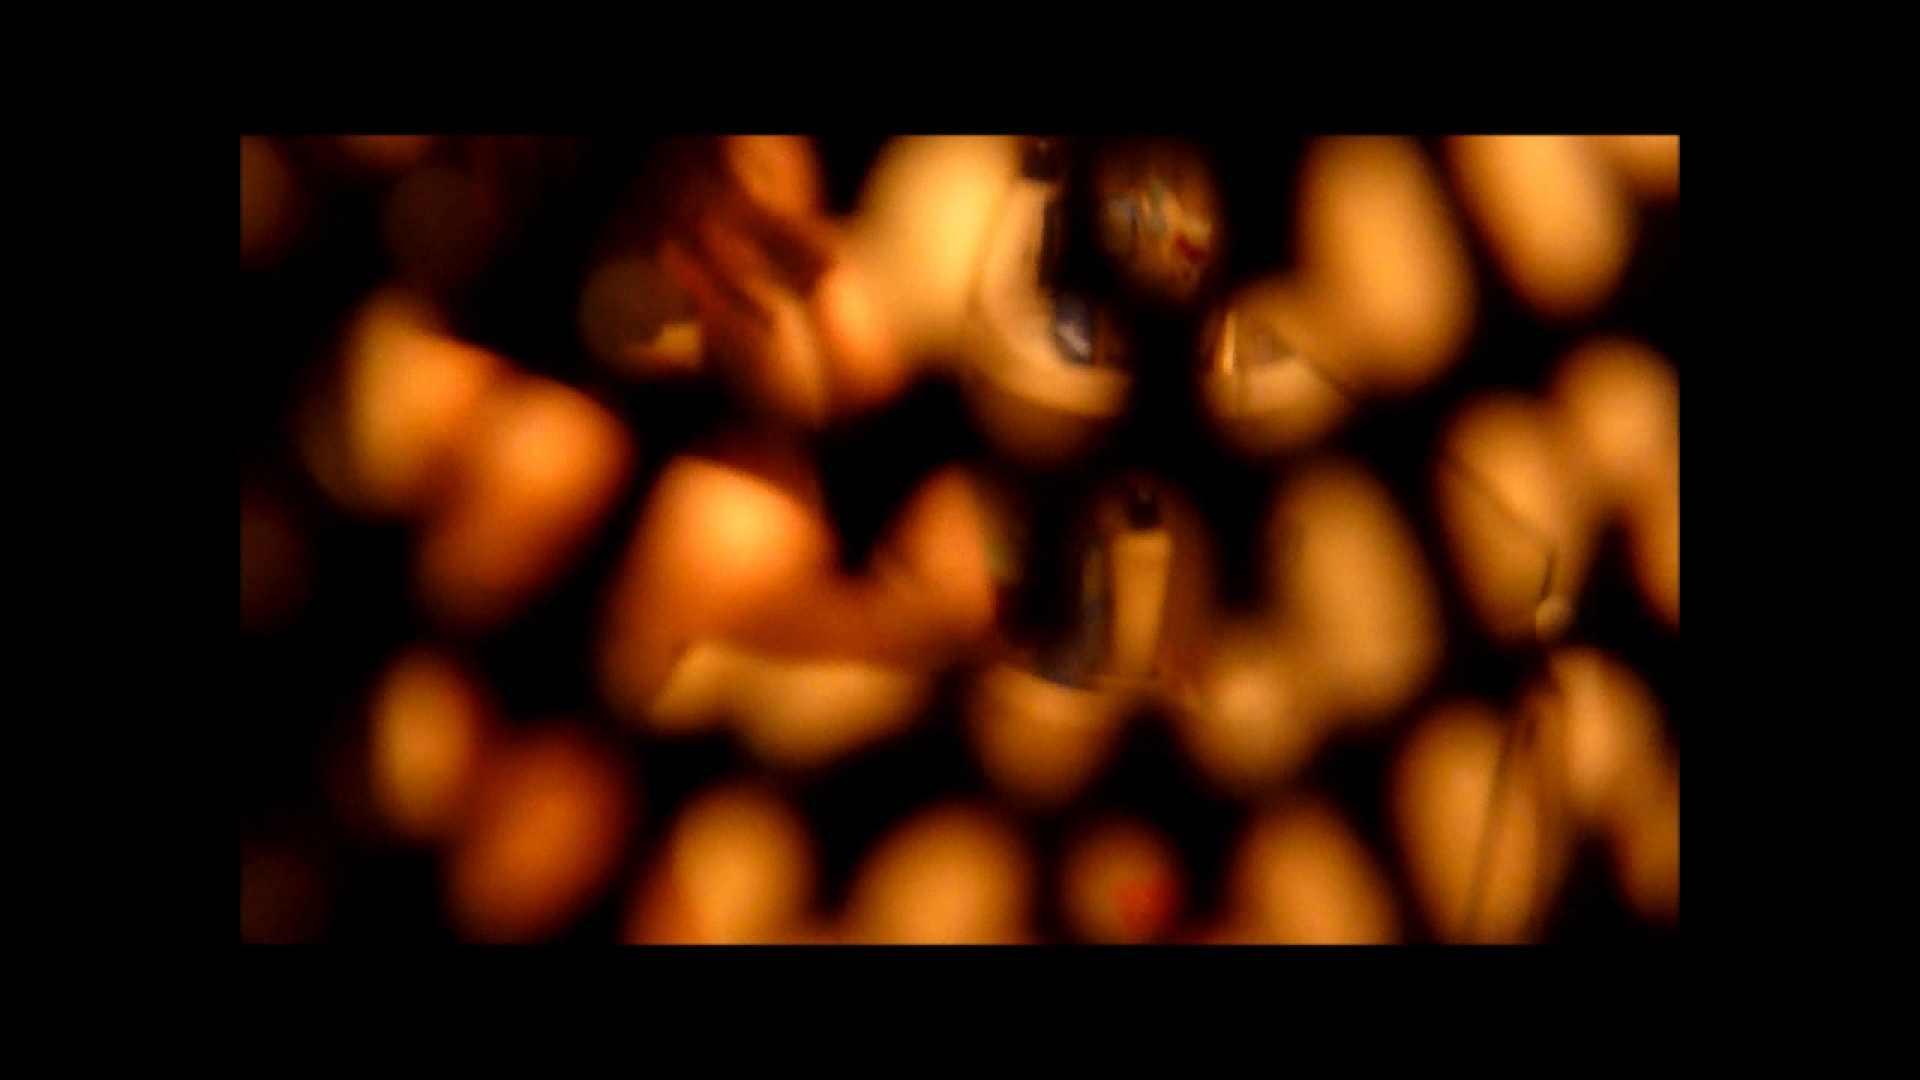 【02】ベランダに侵入して張り込みを始めて・・・やっと結果が出ました。 家宅侵入 | 0  82画像 21